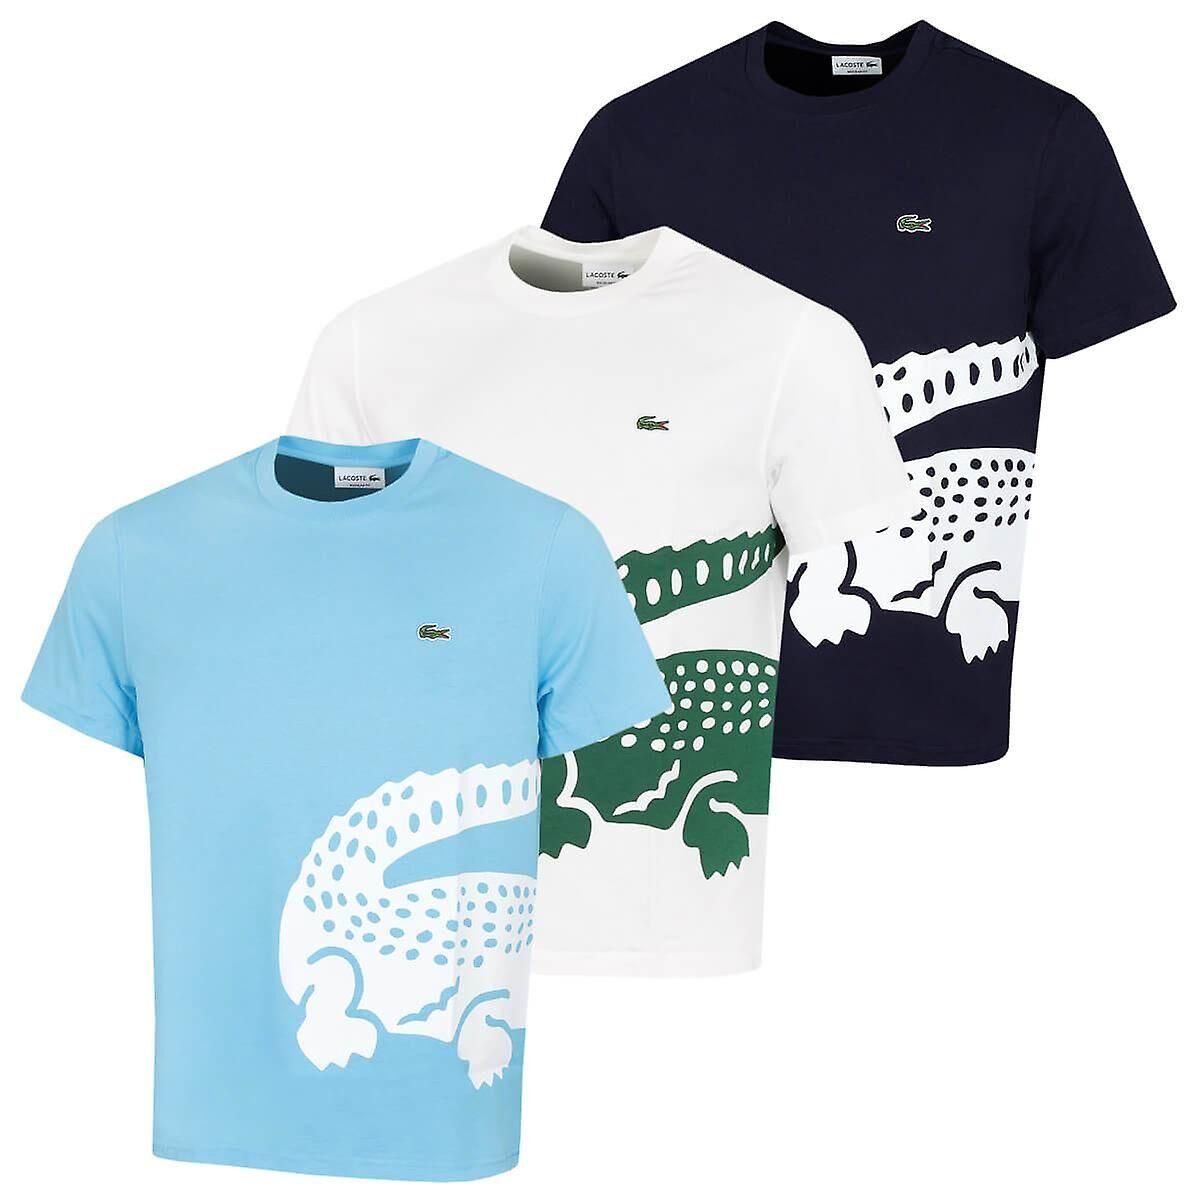 Lacoste T-shirt en coton Crocodile Brodé Lacoste Mens 2020 TH5139 Farine Size 6 - XL